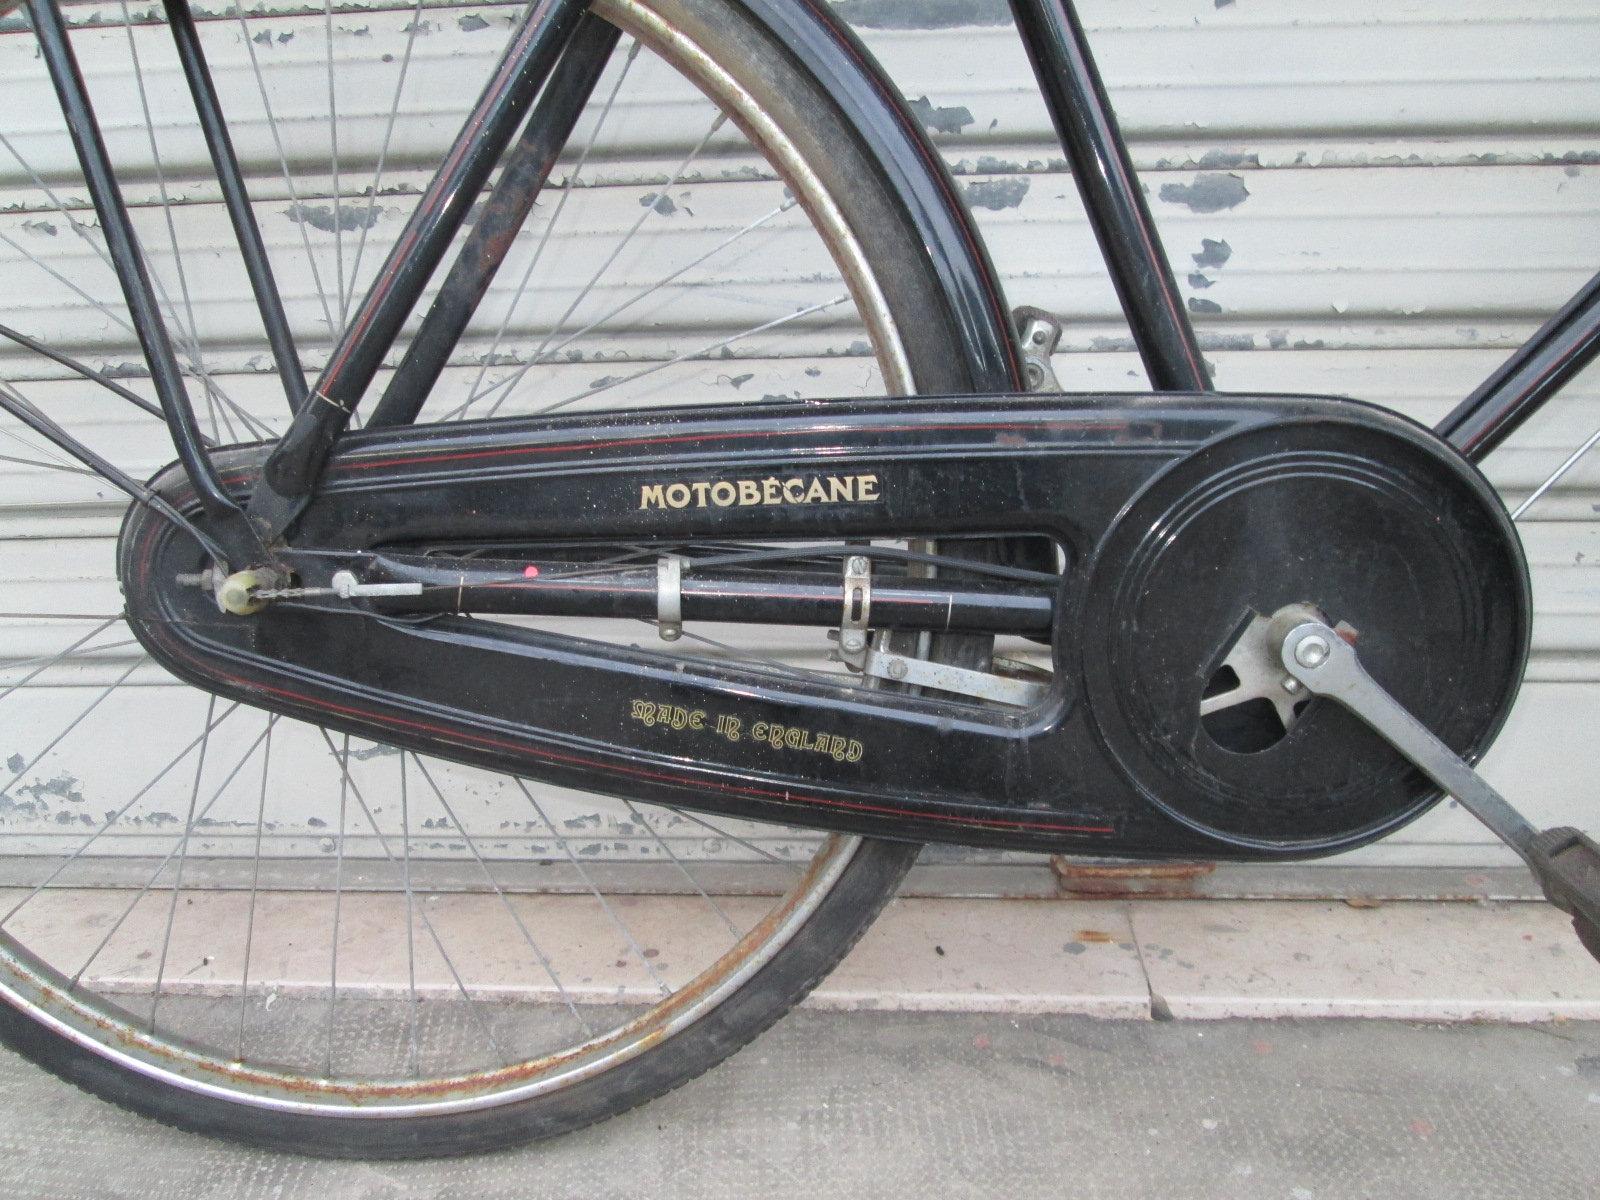 Bicicletta Windsor Motobecane